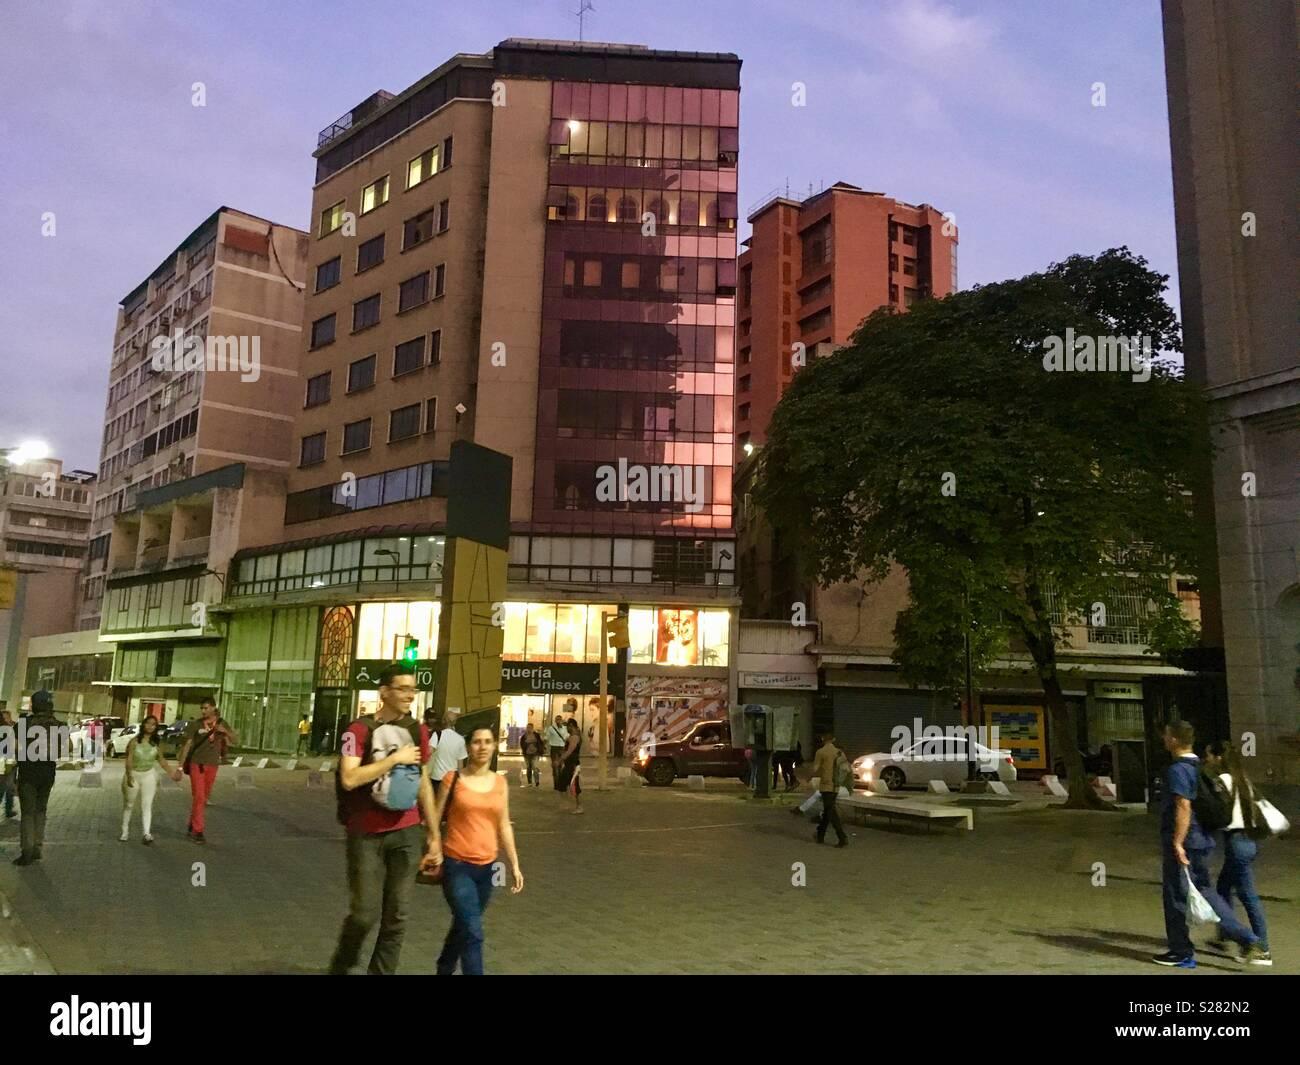 Guyana People Stock Photos & Guyana People Stock Images - Alamy